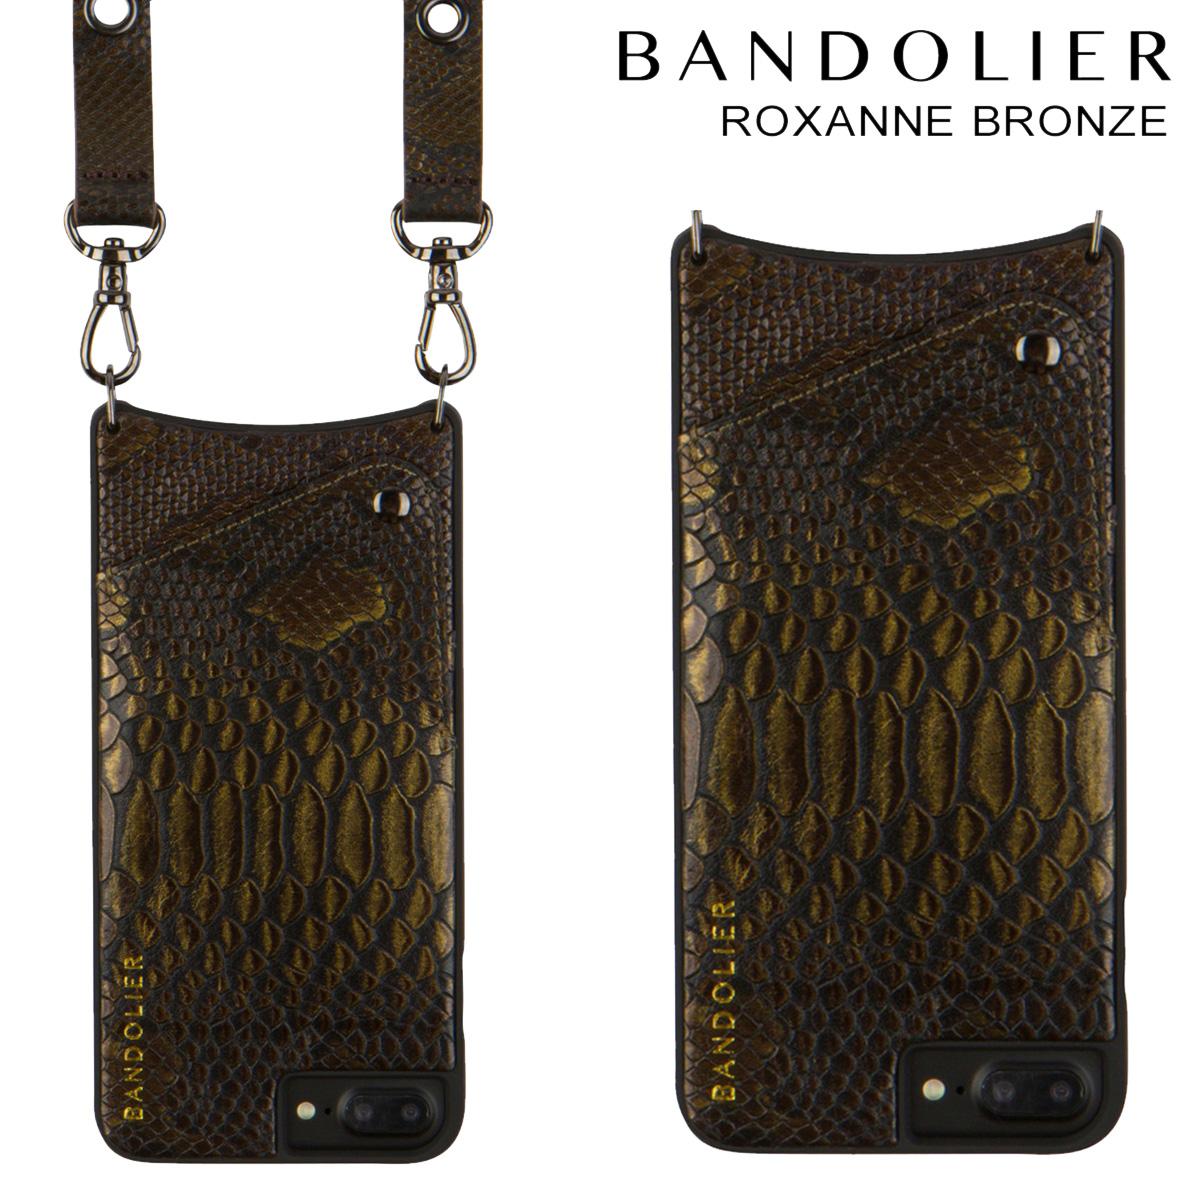 BANDOLIER ROXANNE バンドリヤー iPhone8 iPhone7 7Plus 6s ケース スマホ アイフォン プラス レザー メンズ レディース